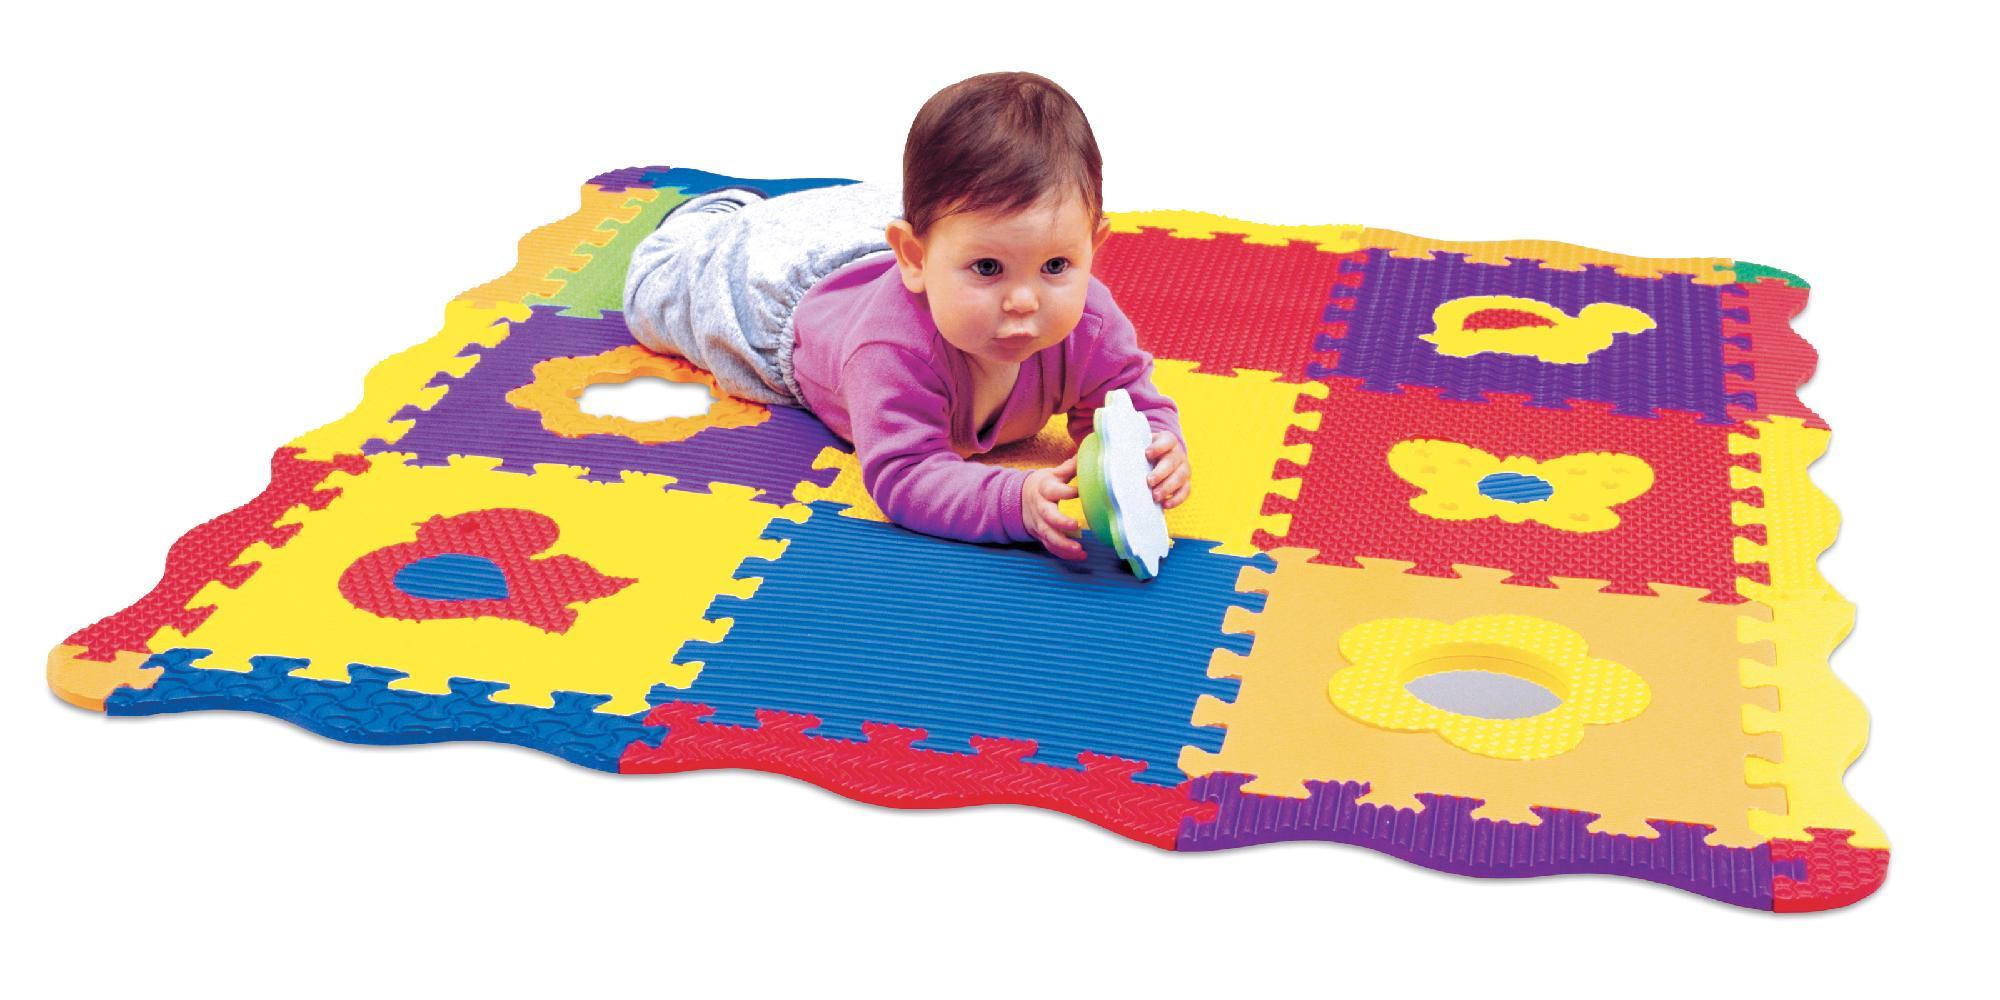 Детский коврик-пазл: в чем его преимущества и какой лучше выбрать?